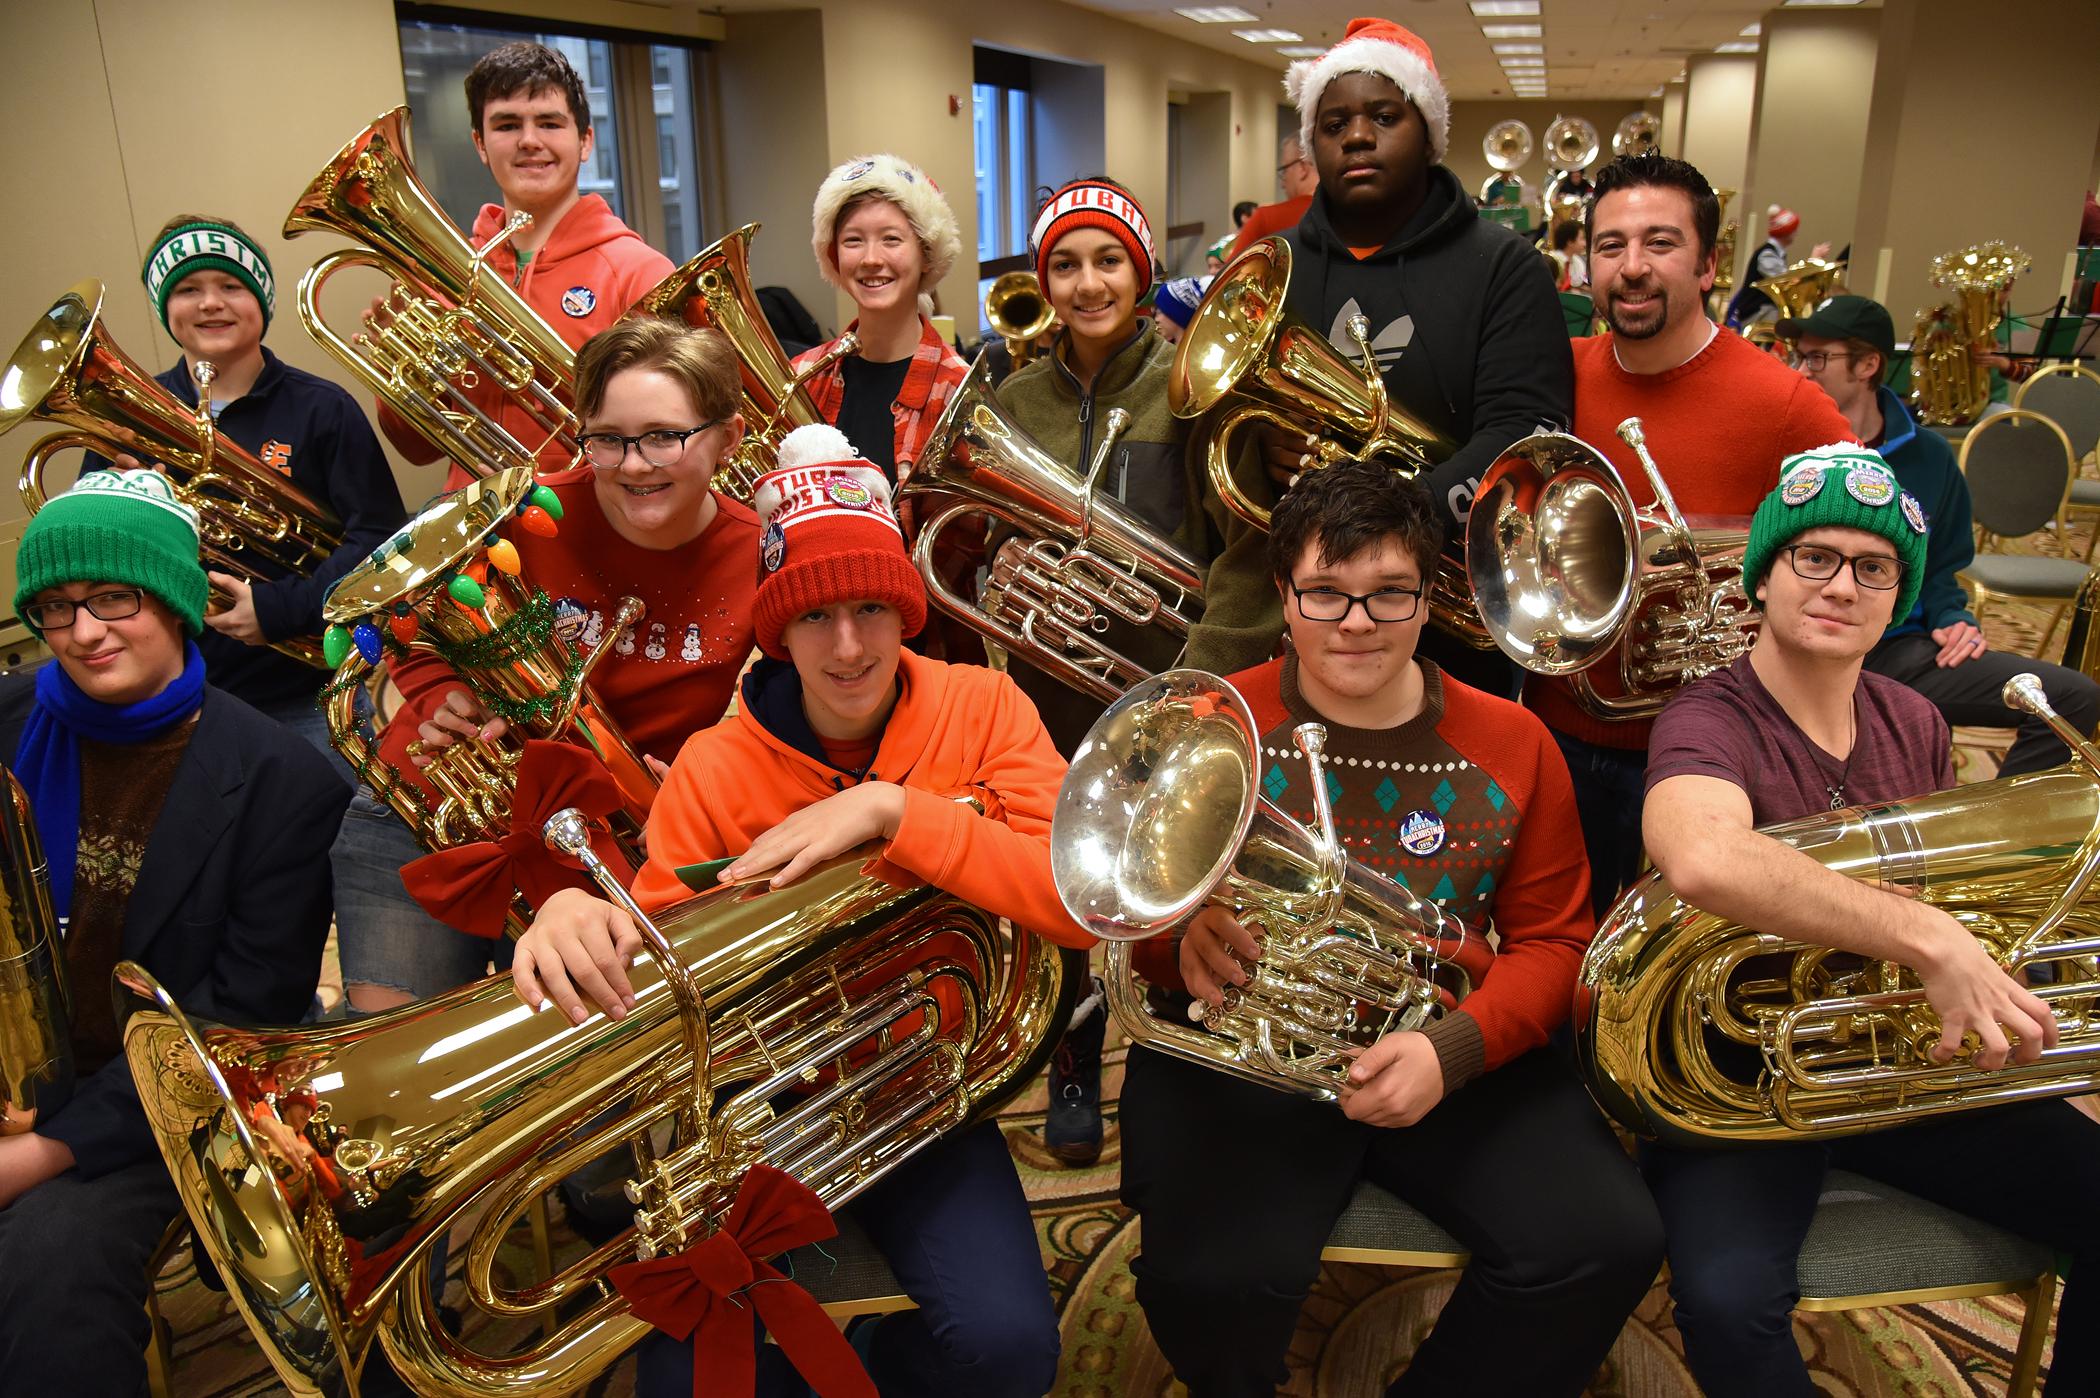 Tuba Christmas 2020 Chicago Musicians carry on a very tuba Christmas tradition   Chronicle Media